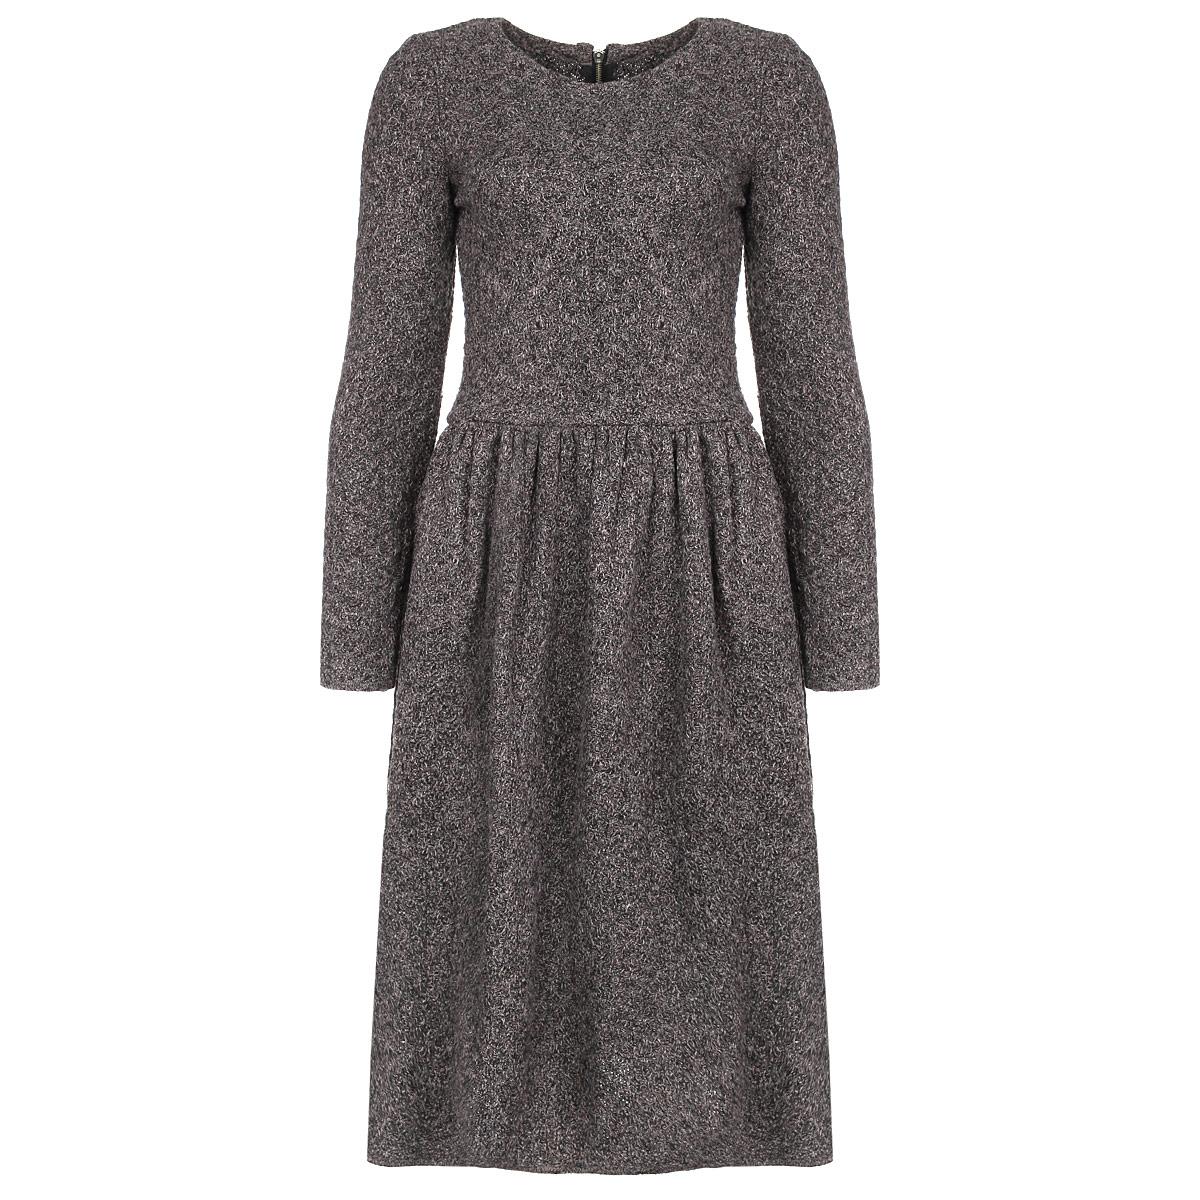 Платье904Стильное вязаное платье Milana Style изготовлено из высококачественной шерсти. Такое платье обеспечит вам комфорт и удобство при носке. Платье с длинными рукавами и с круглым вырезом горловины застегивается по спинке на металлическую застежку-молнию. От линии талии заложены складочки. Фактурная вязка придает изделию оригинальность. По бокам предусмотрены два втачных кармана, украшенных вставками из искусственной кожи. Приталенный силуэт великолепно подчеркнет достоинства фигуры. Это модное и удобное платье станет превосходным дополнением к вашему гардеробу, оно подарит вам удобство и поможет вам подчеркнуть свой вкус и неповторимый стиль.